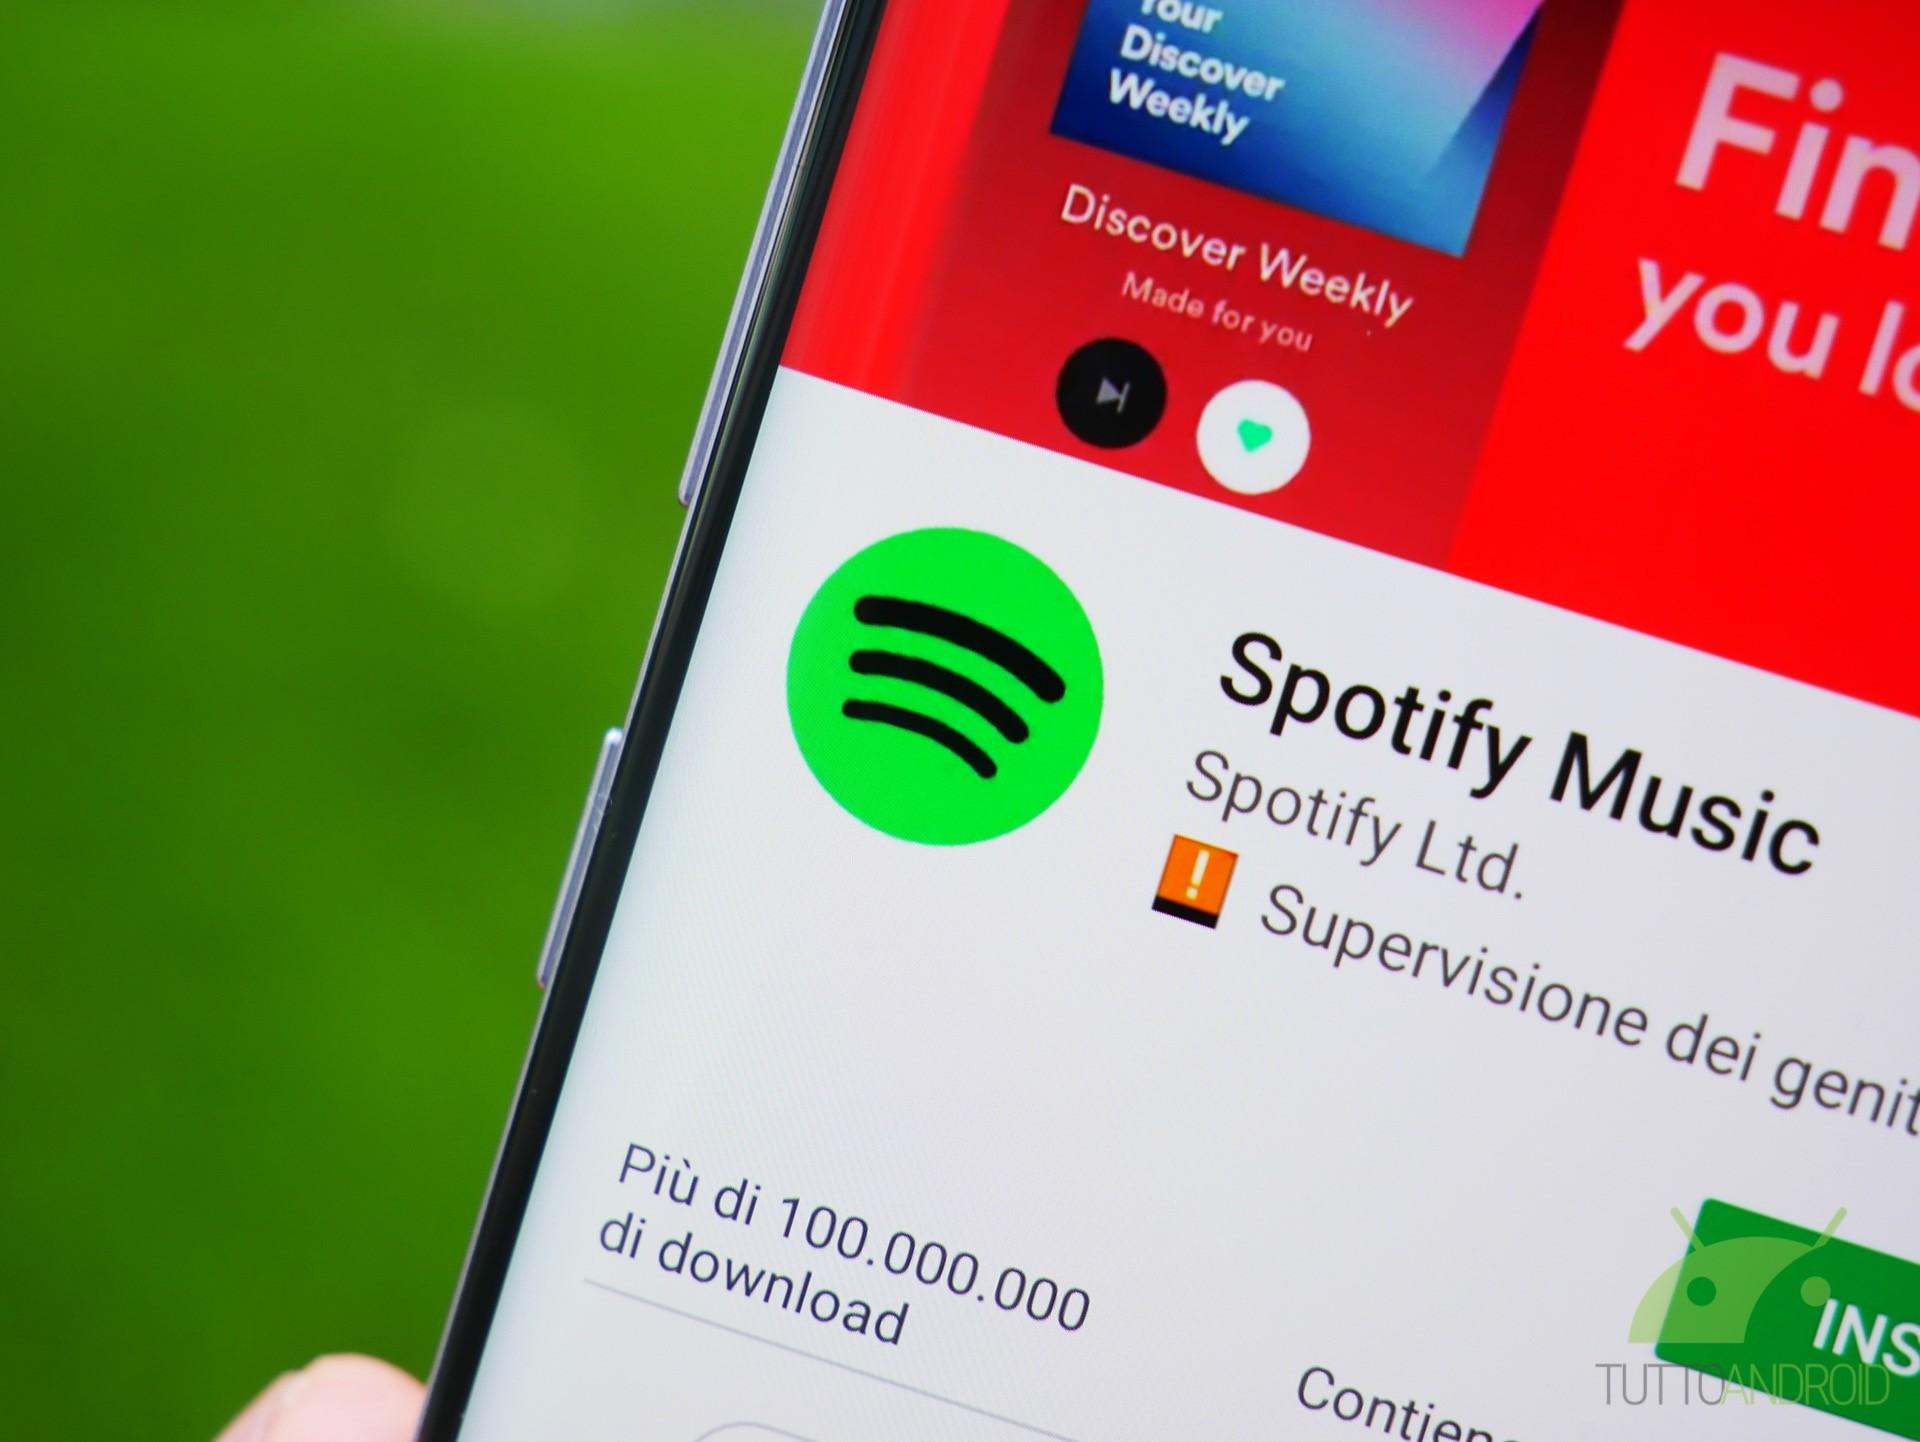 Spotify Premium in offerta a 0,99 euro per tre mesi